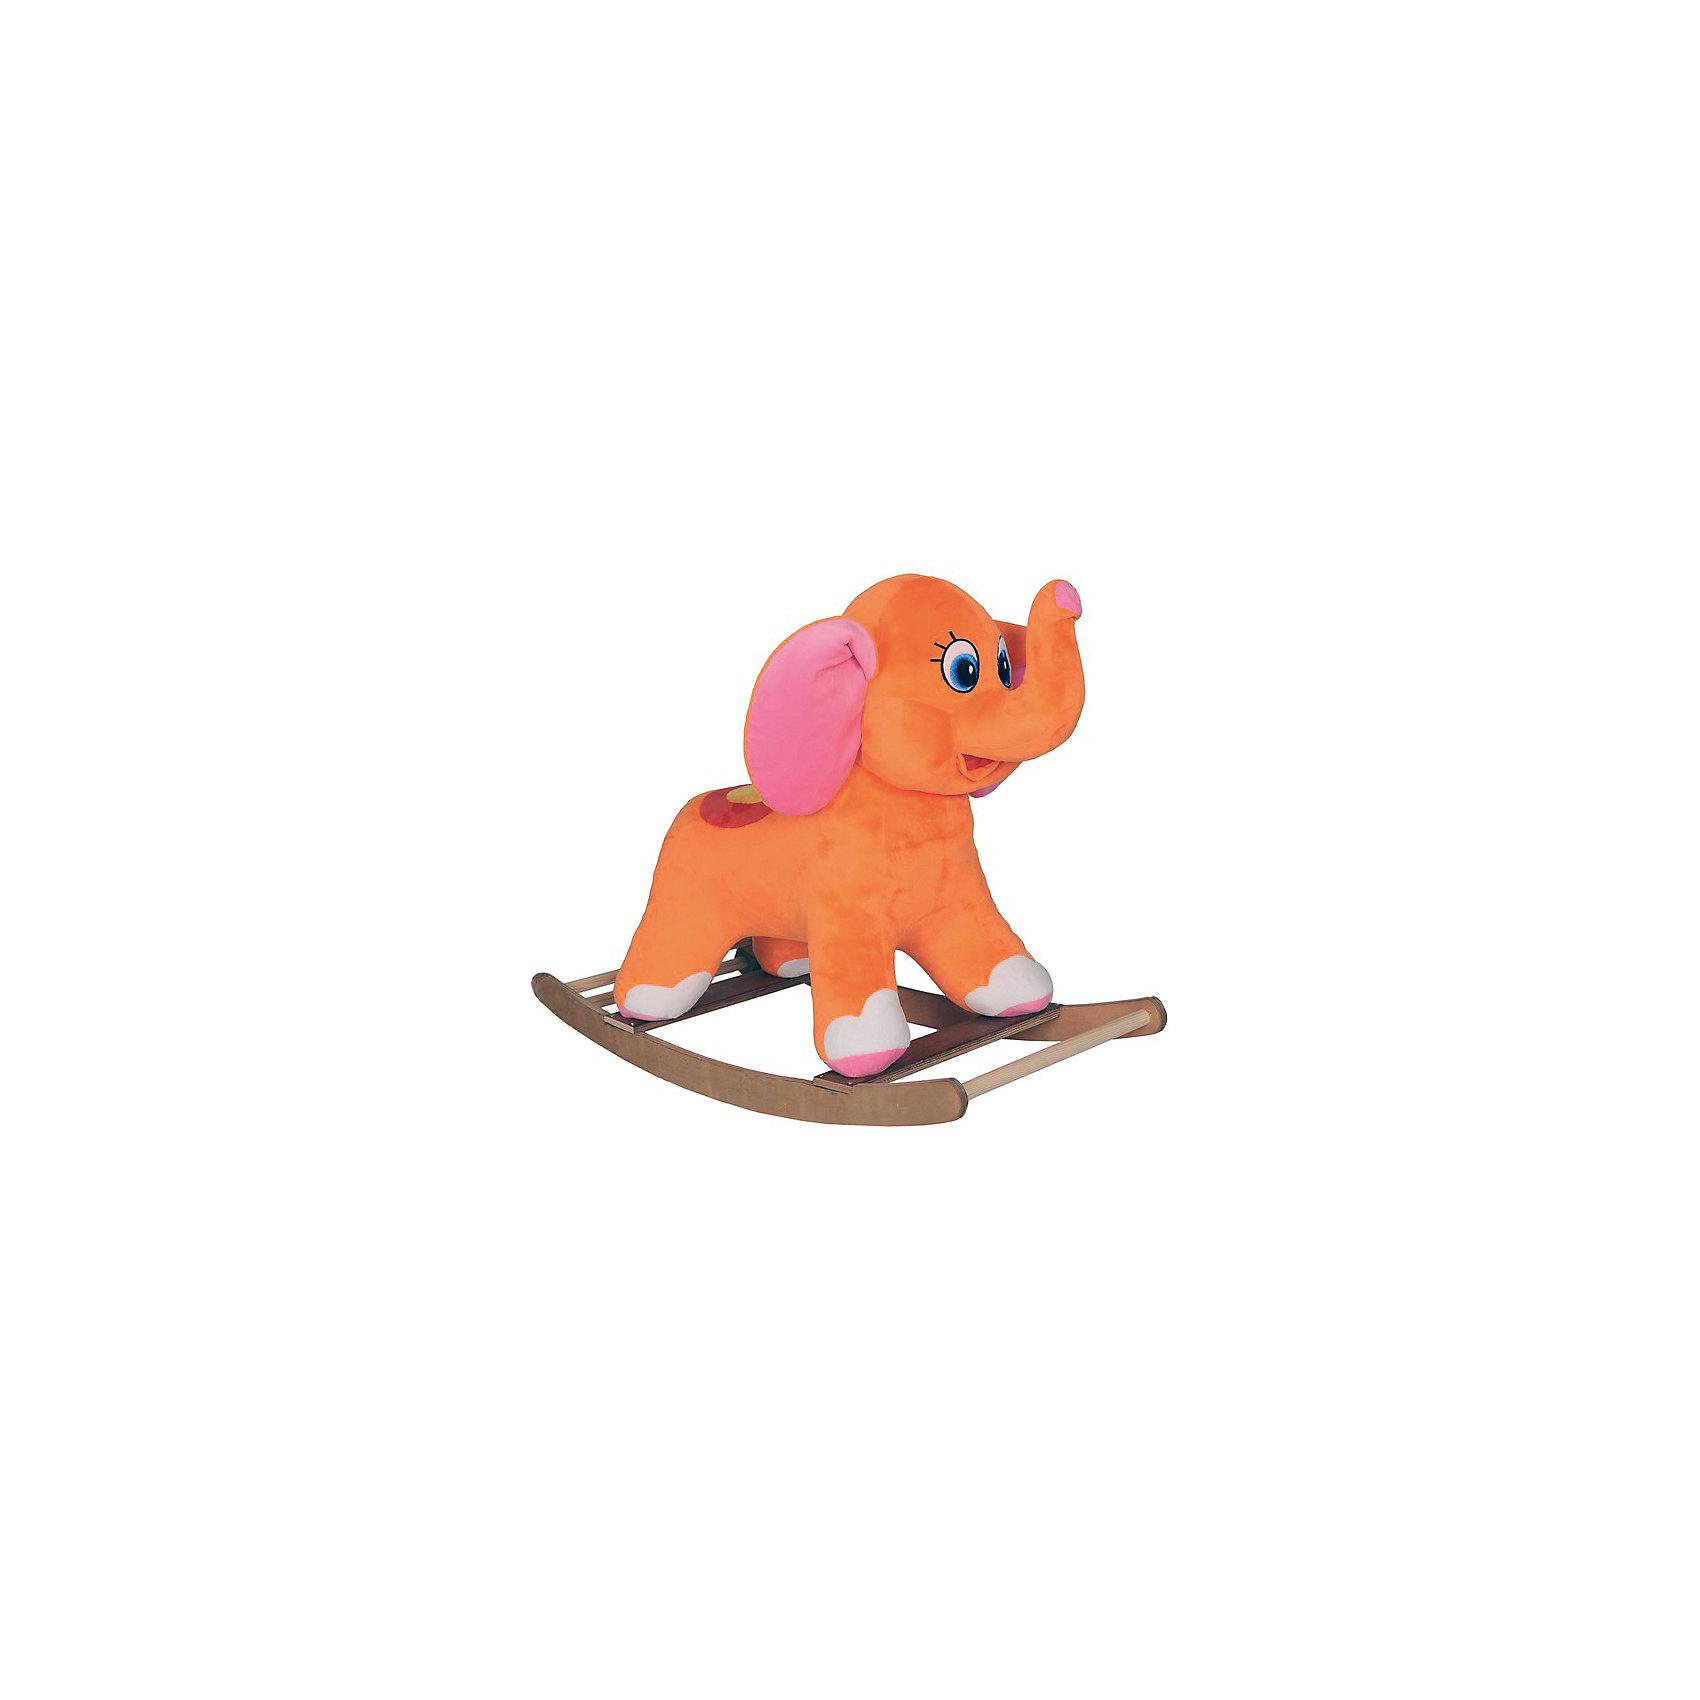 Слоник-качалка оранжевый, СмолТойсСимпатичный слоник-качалка, СмолТойс, не оставит равнодушным Вашего малыша. Слоник выполнен из мягкого плюша, его оранжевая бархатистая шерстка очень приятна на ощупь. У игрушки имеются удобное седло и ручки, за которые малыш будет держаться во время игры. К ногам слоника крепятся деревянные полозья, которые обеспечивают мягкое и плавное качание. Слоник изготовлен из качественных гипоаллергенных материалов, безопасных для детского здоровья. Игрушка способствует развитию воображения, тактильной чувствительности и координации. <br><br>Дополнительная информация:<br><br>- Материал: дерево, плюш, текстиль.<br>- Размеры лошадки: длина - 60 см., ширина - 51 см., высота - 58 см. <br>- Вес: 3,5 кг.<br><br>Слоника-качалку, оранжевый, СмолТойс, можно купить в нашем интернет-магазине.<br><br>Ширина мм: 600<br>Глубина мм: 510<br>Высота мм: 580<br>Вес г: 3500<br>Возраст от месяцев: 36<br>Возраст до месяцев: 69600<br>Пол: Унисекс<br>Возраст: Детский<br>SKU: 4540577